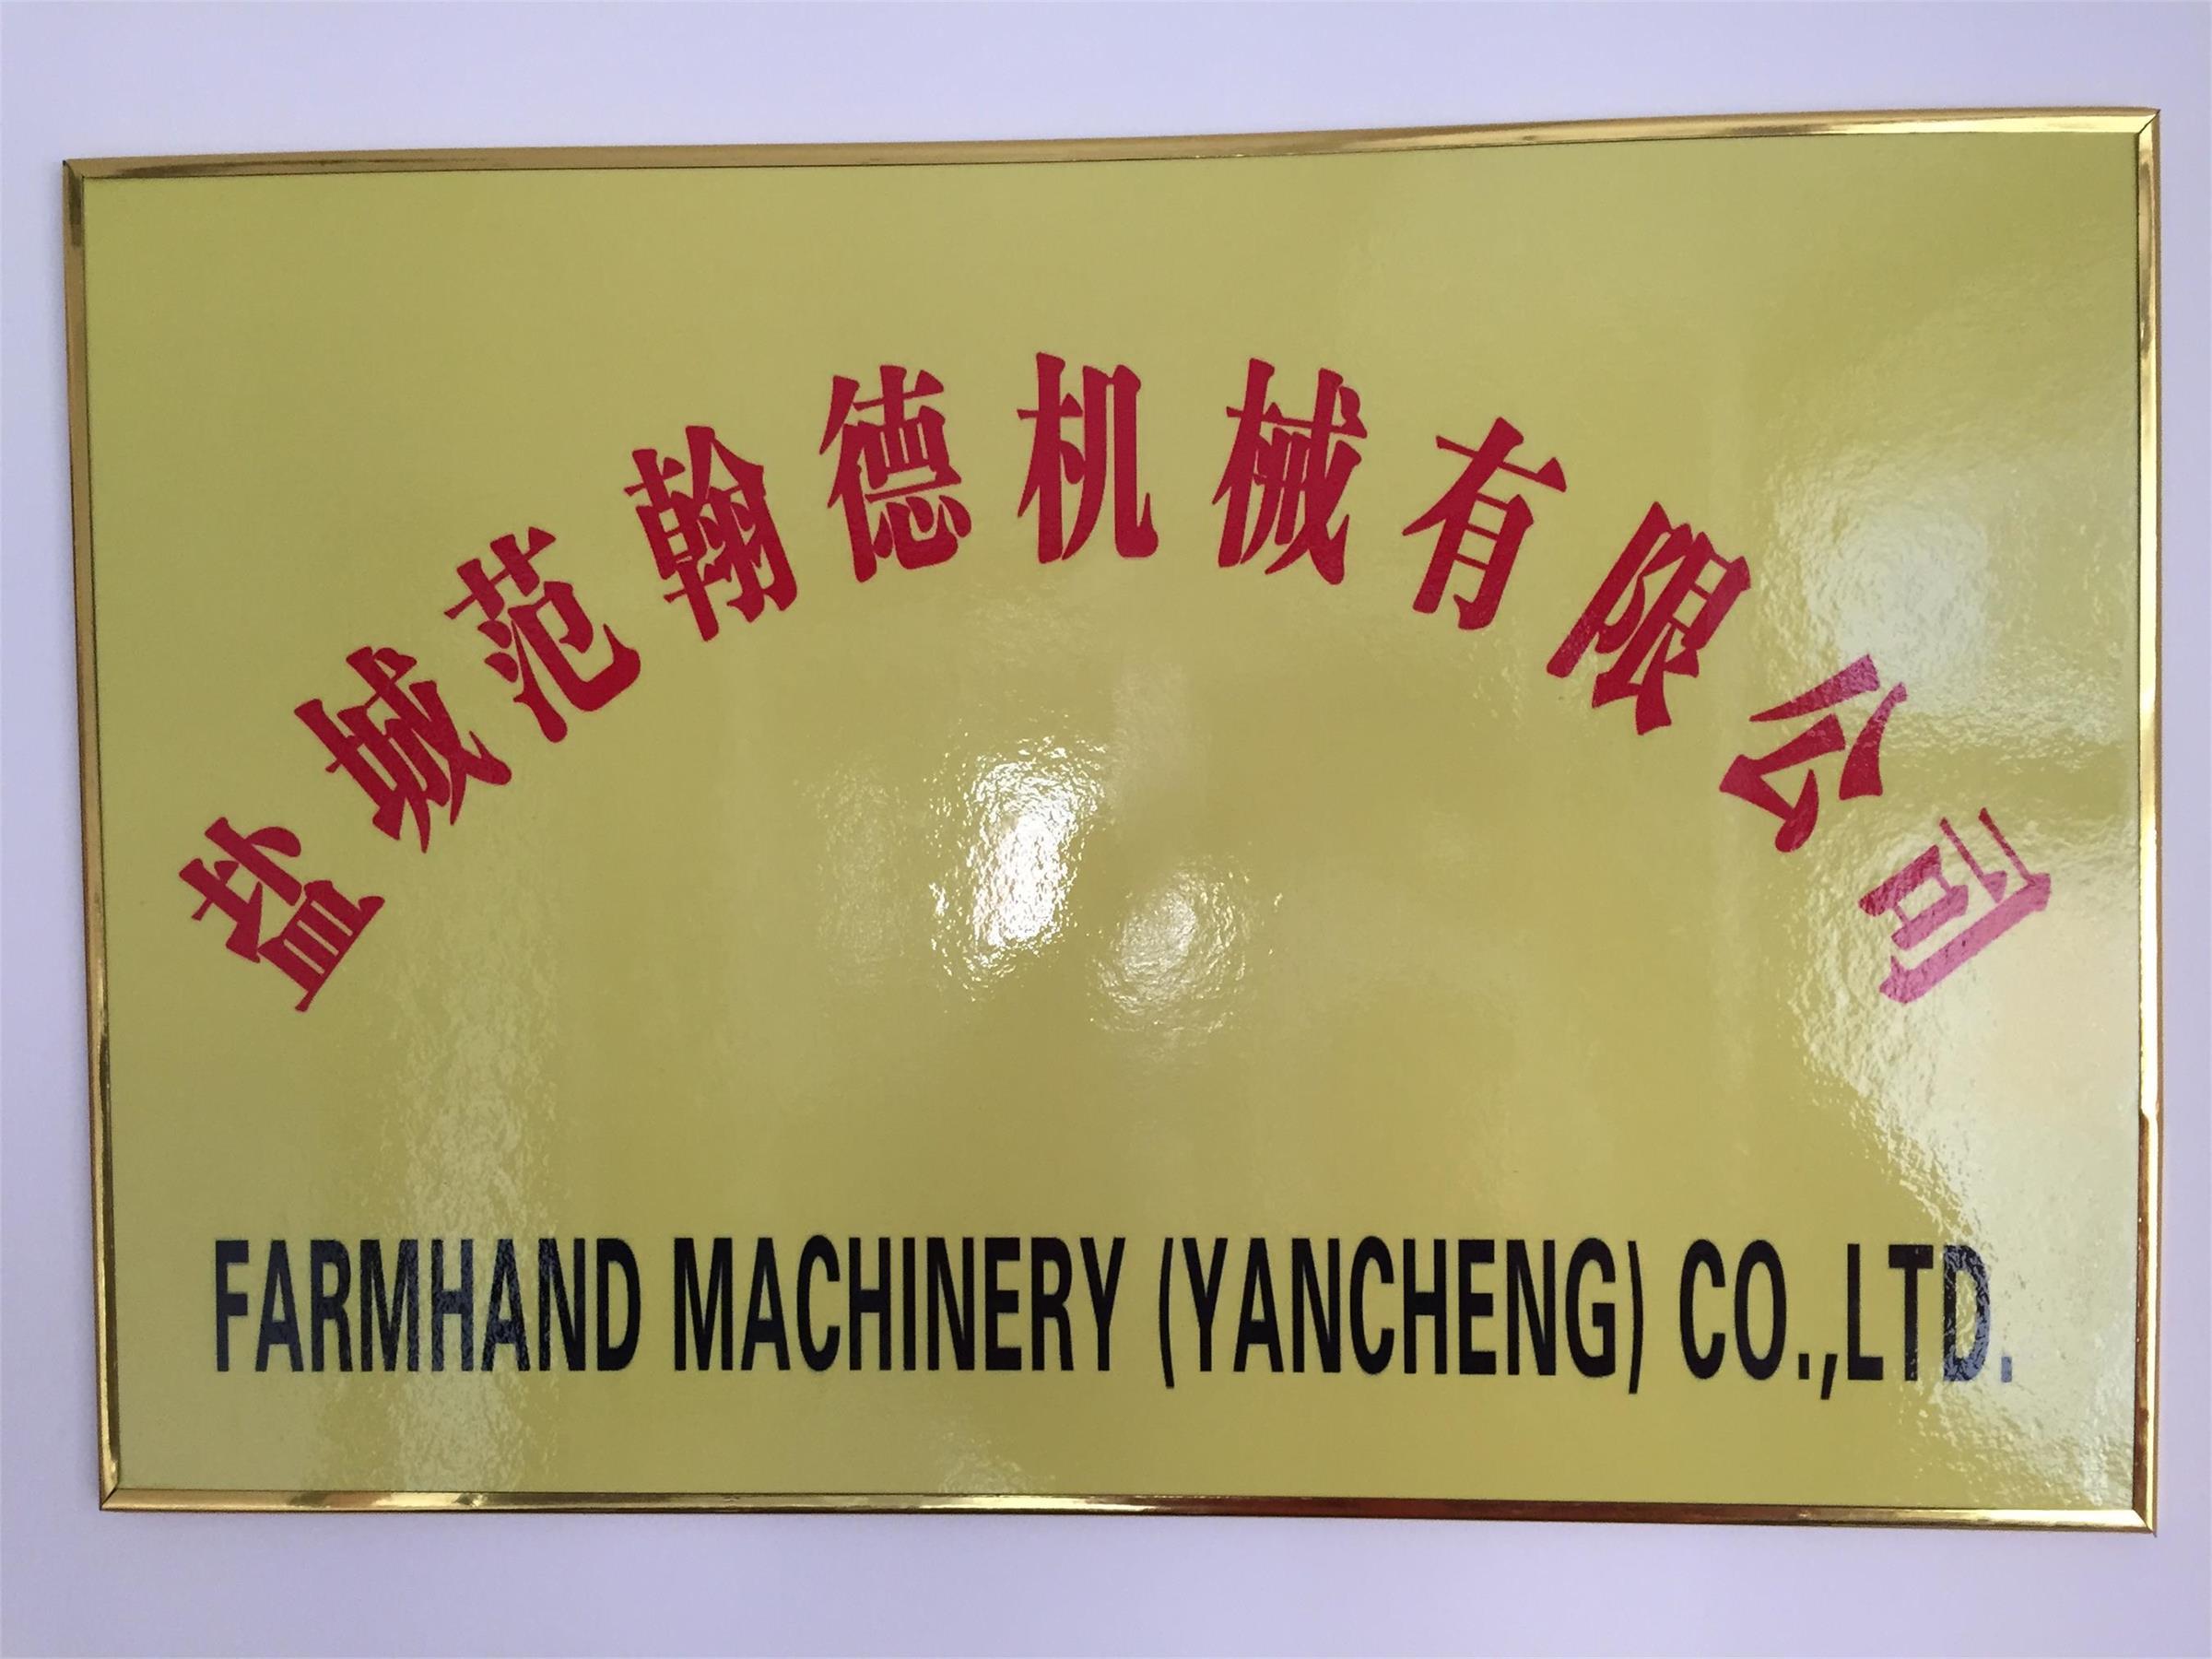 Farmhand Machinery Yancheng Co., Ltd.